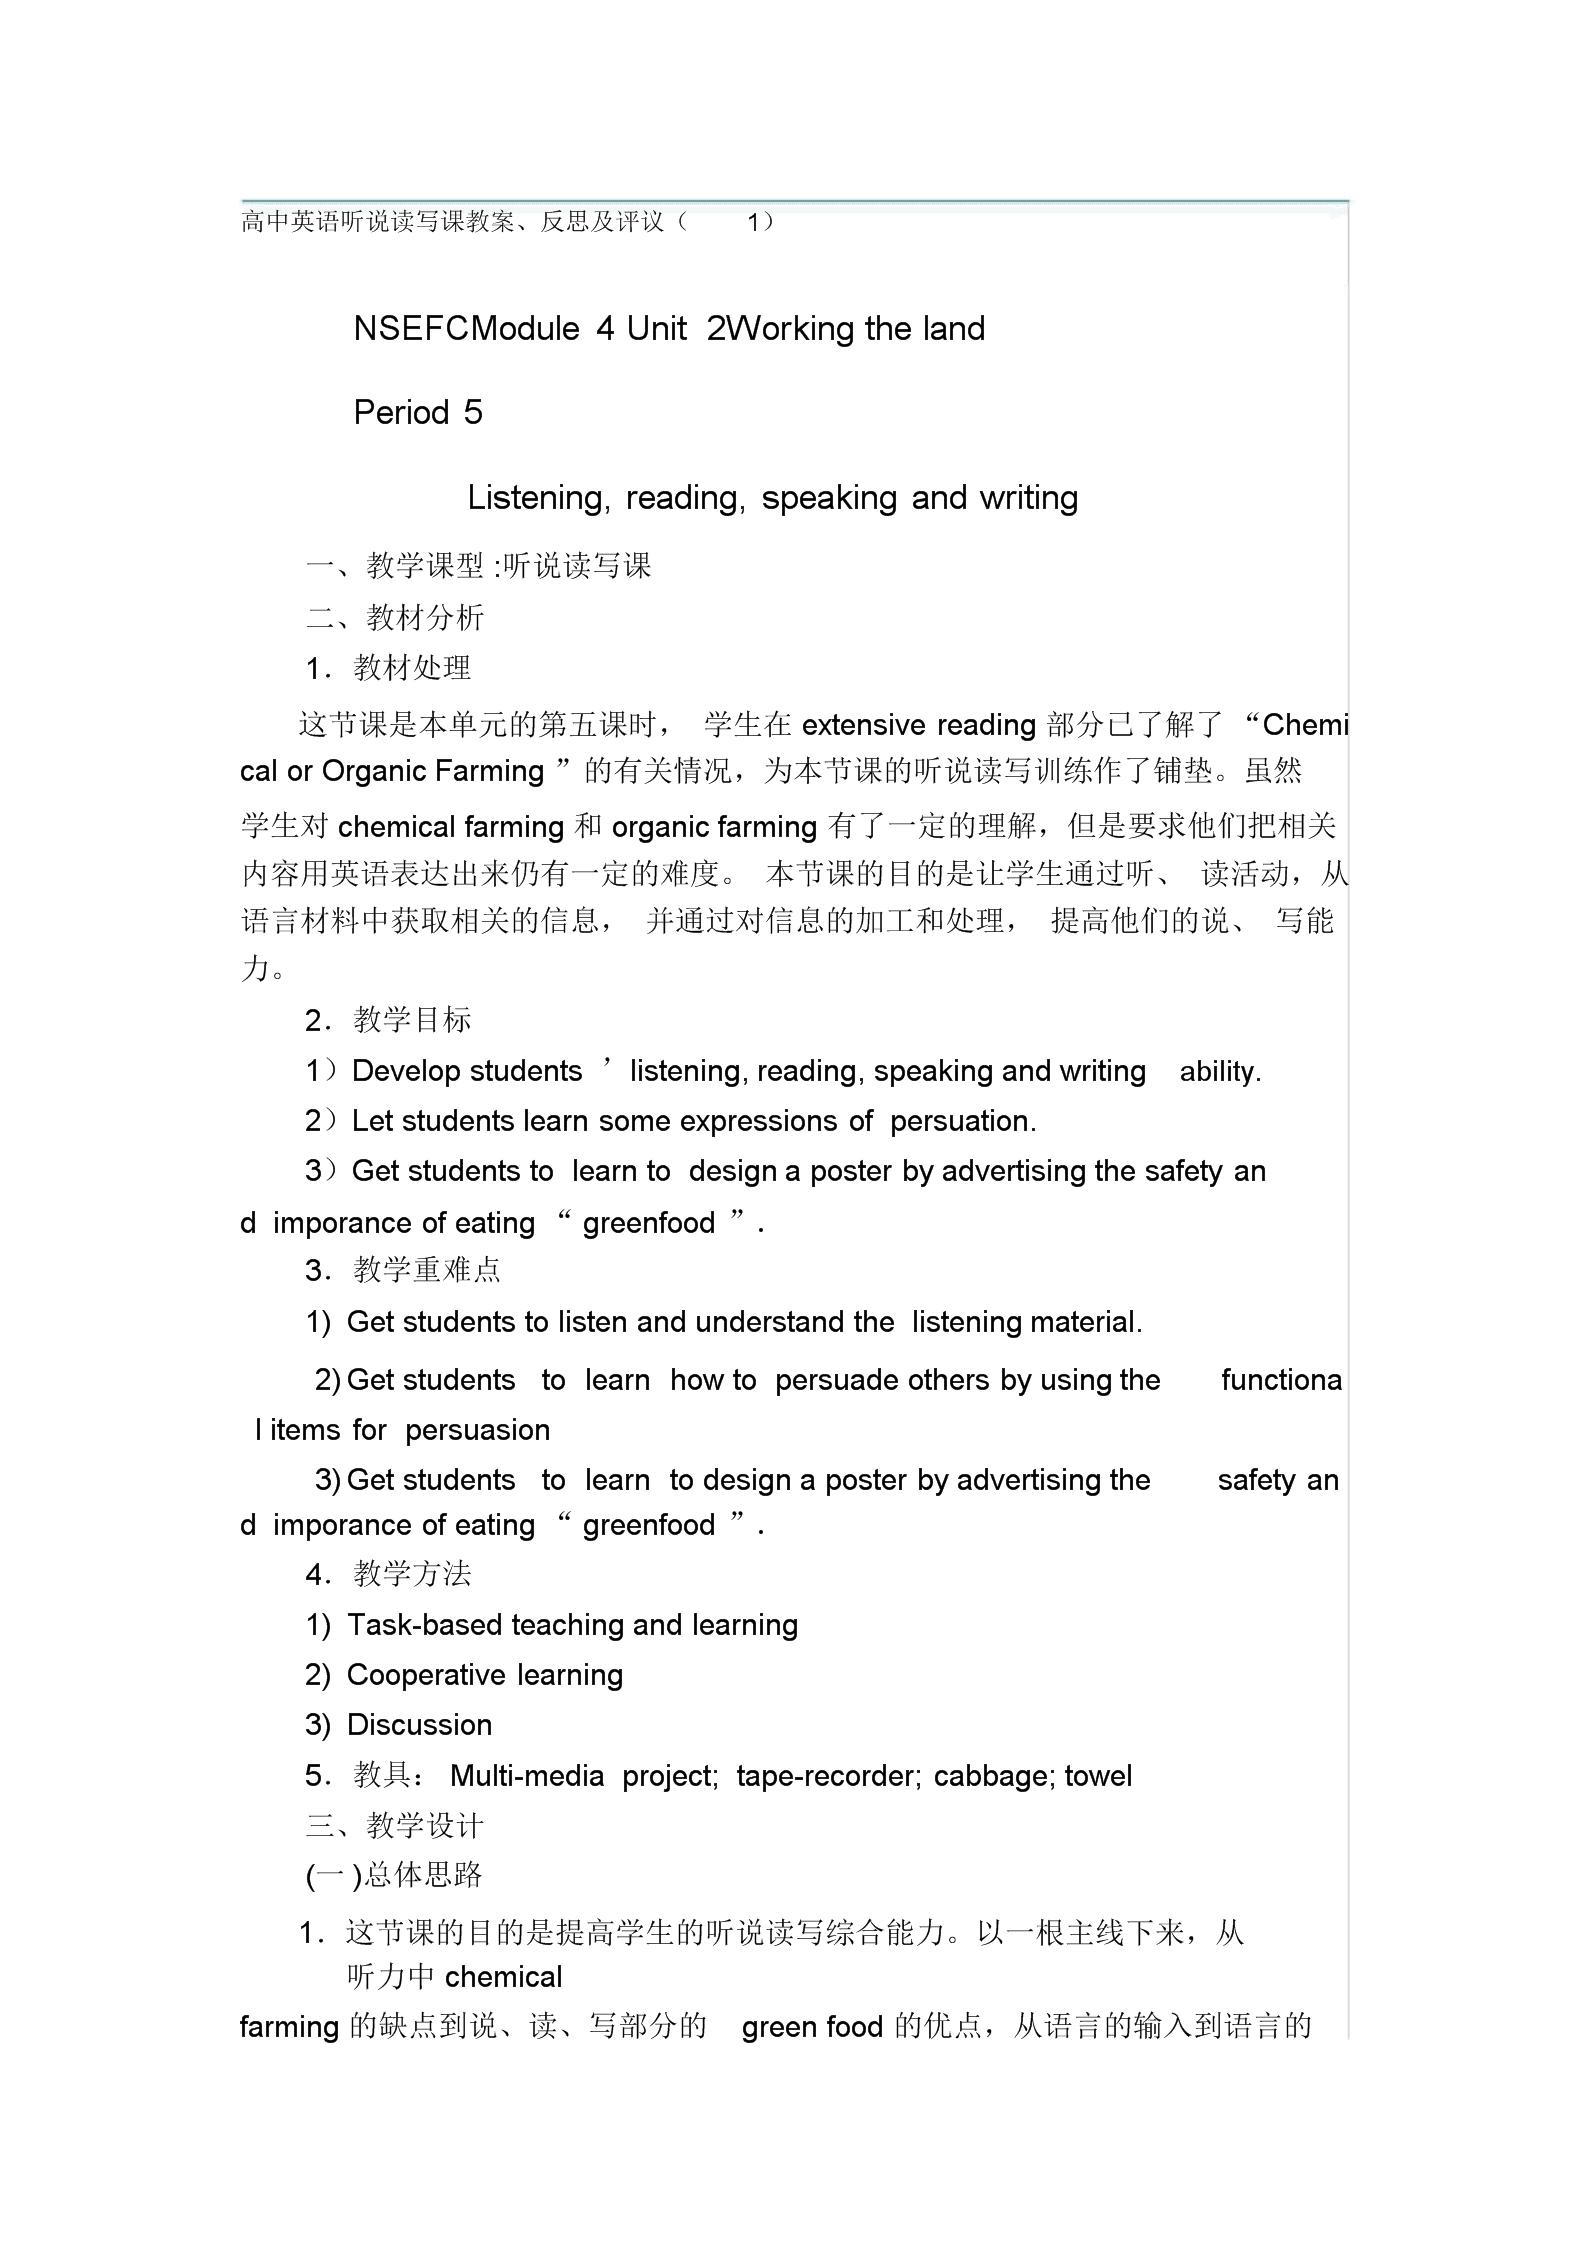 高中英语听说读写课教案.docx